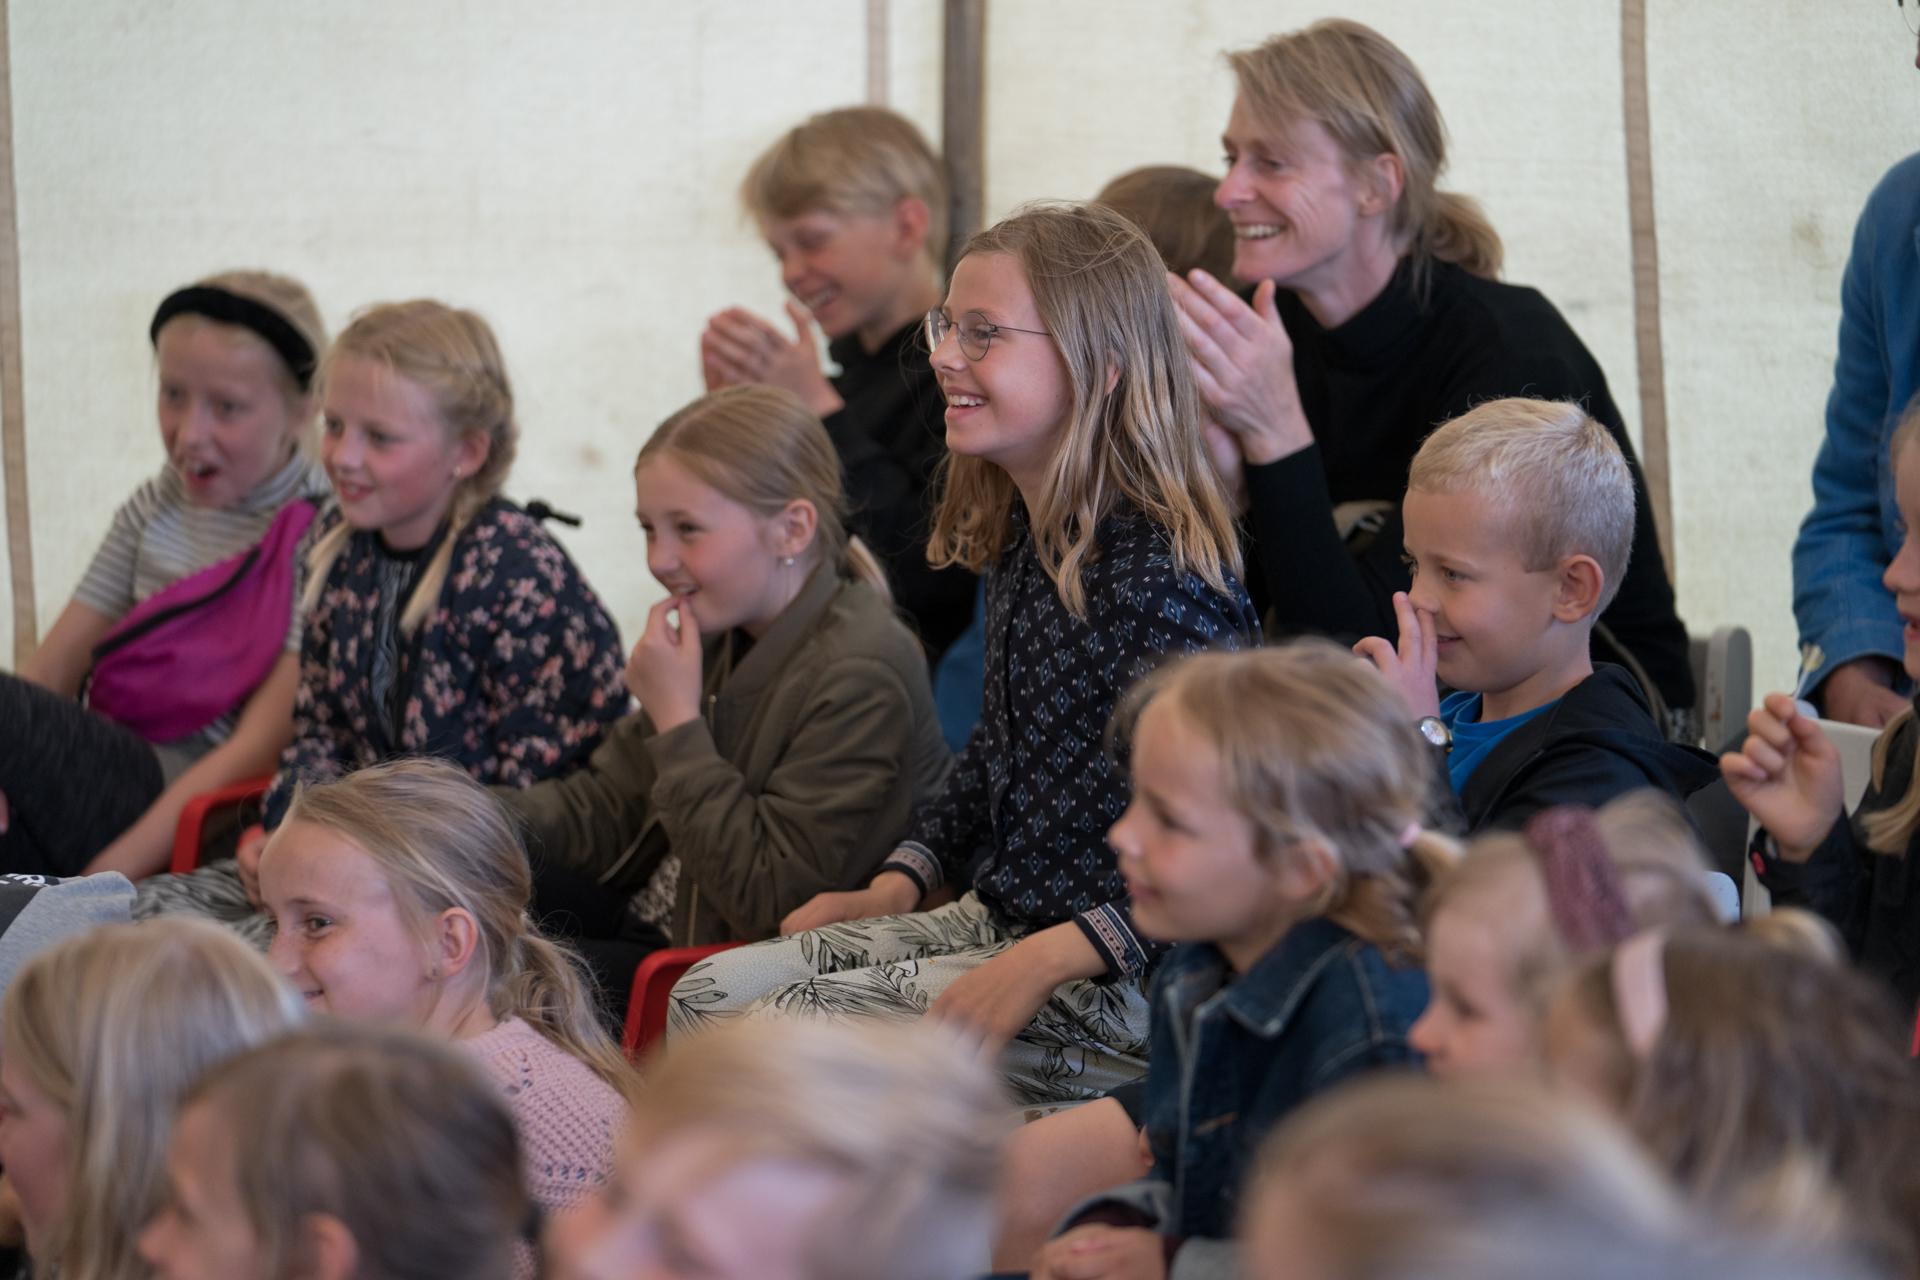 Sløngeldage lørdag - web - Fotograf Per Bille-20190525-04709.jpg